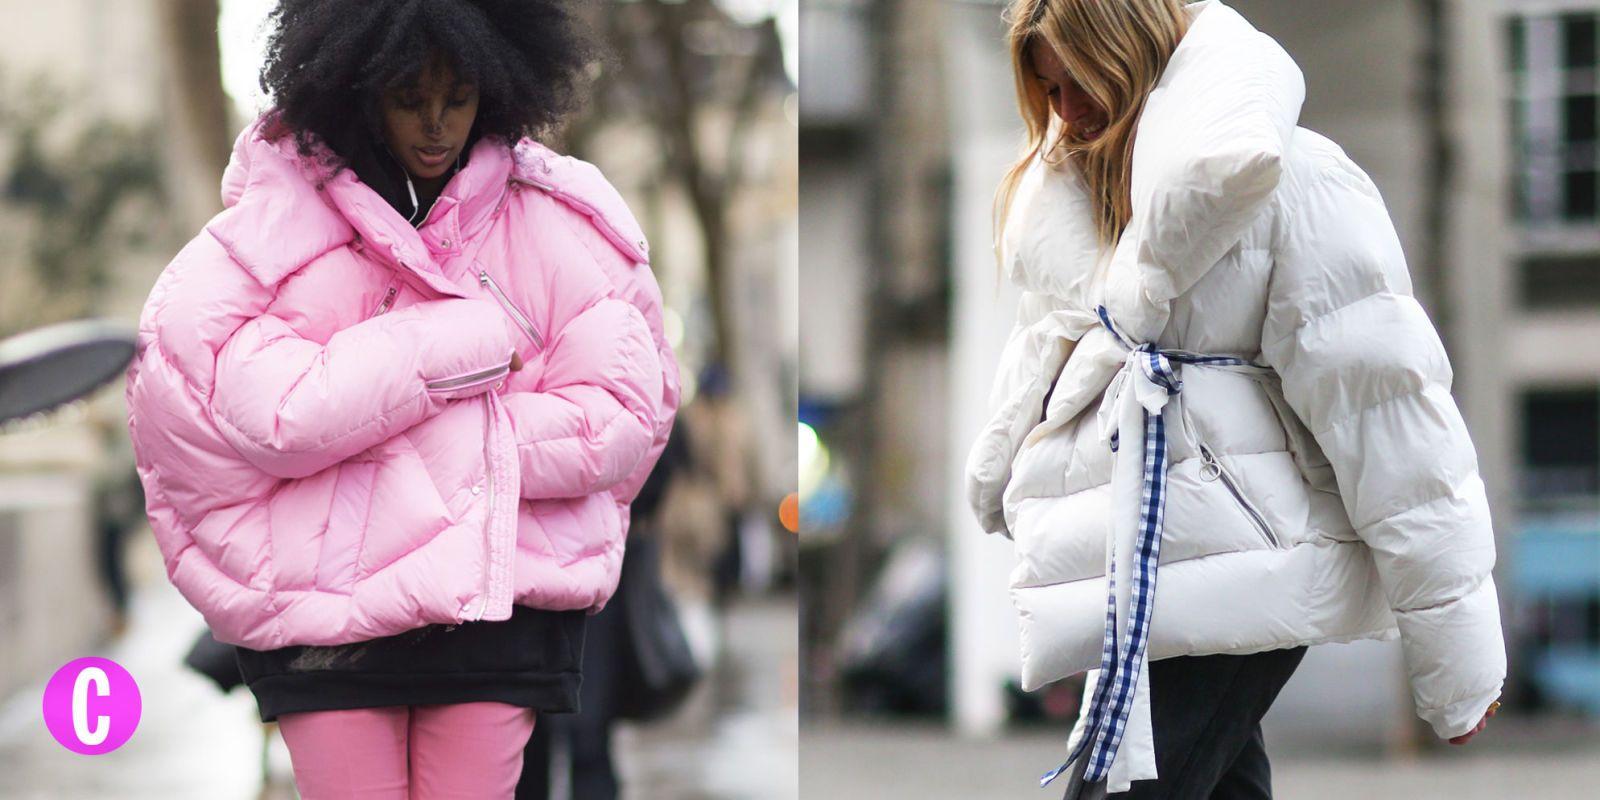 Piumino donna inverno 2018: tutte le tendenze moda